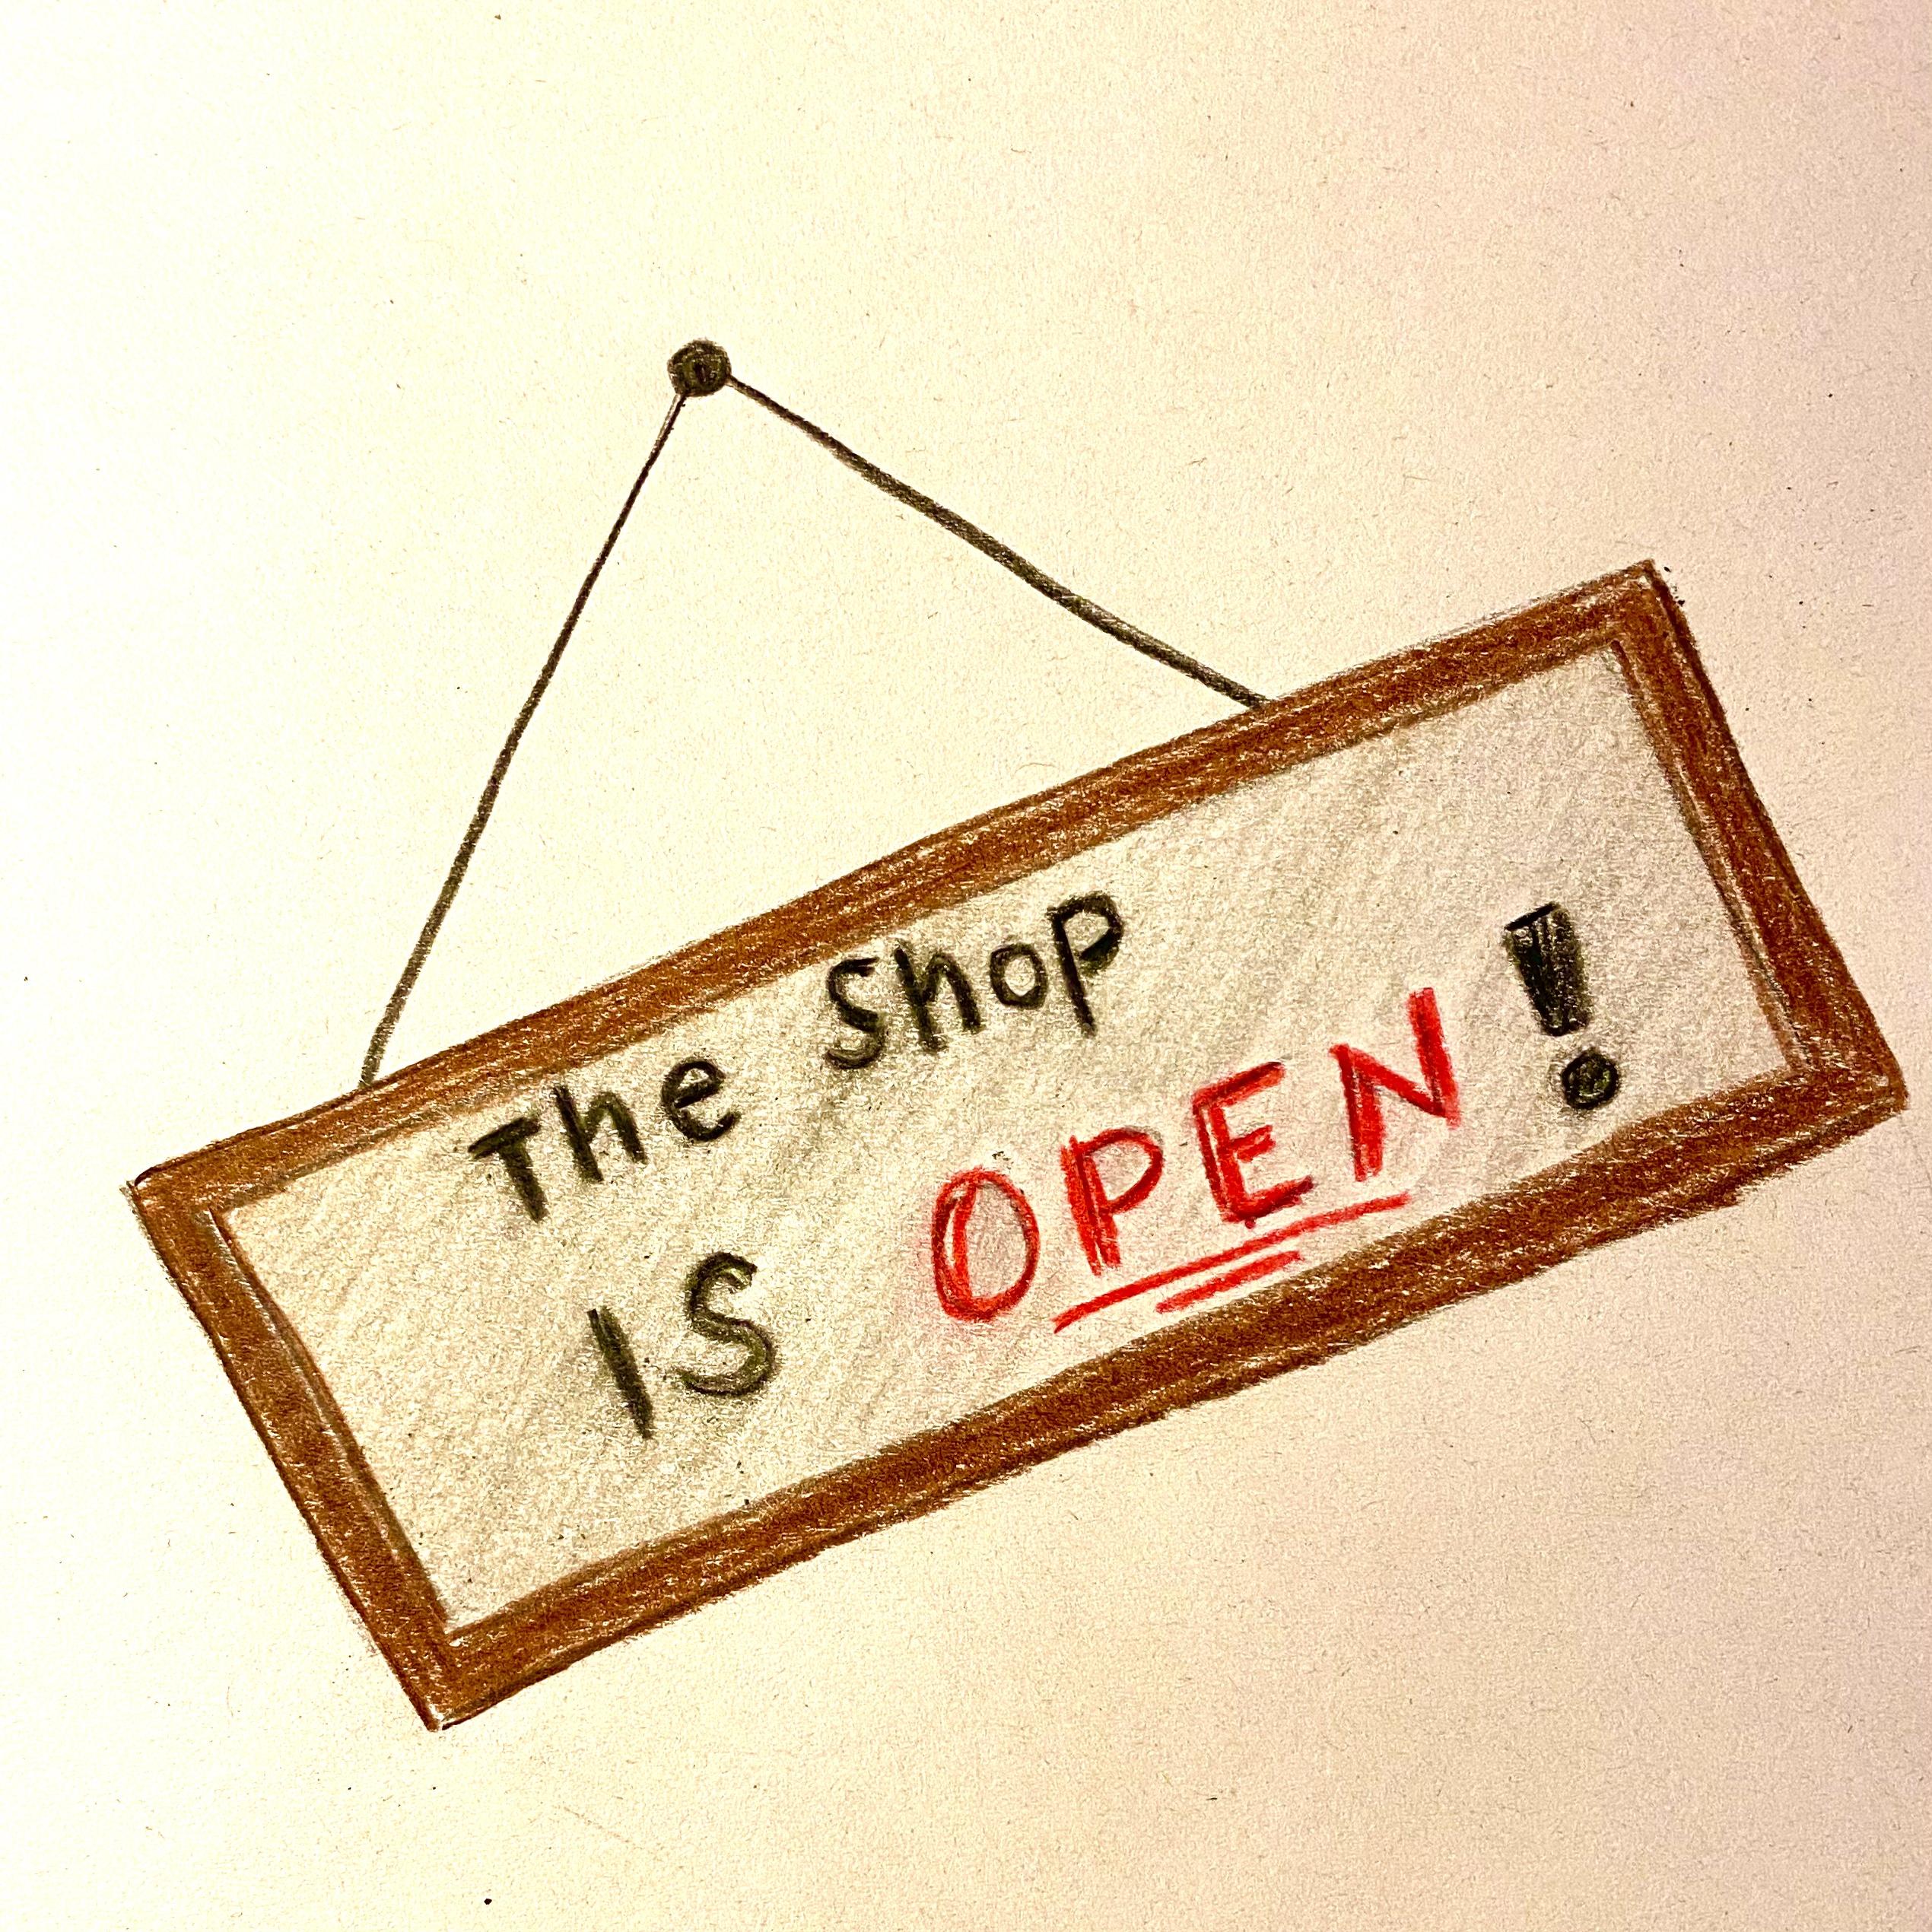 Der Shop ist eröffnet